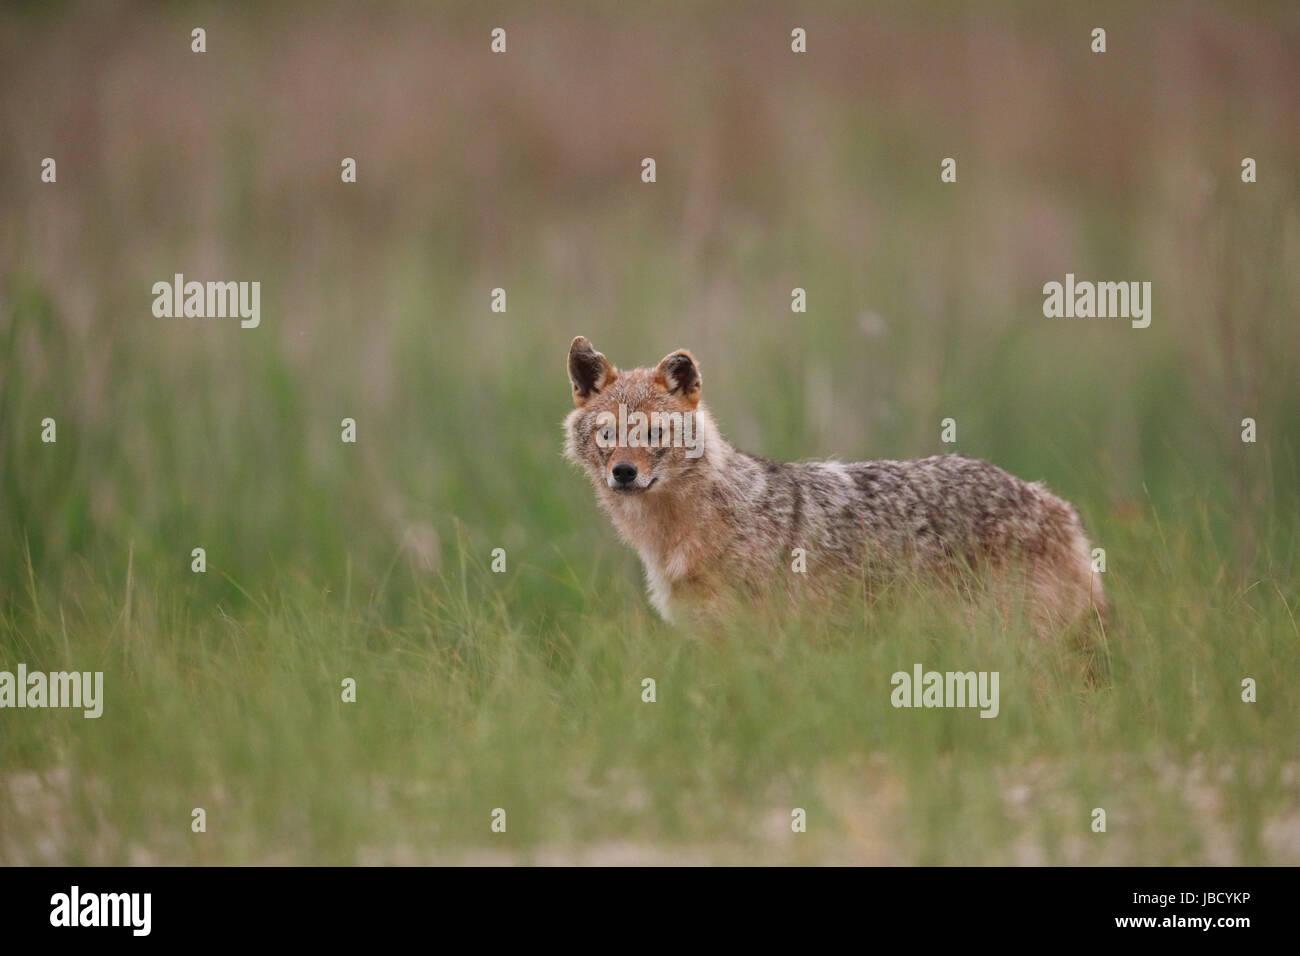 Le chacal doré ou européenne Jackal (Canis aureus) Banque D'Images